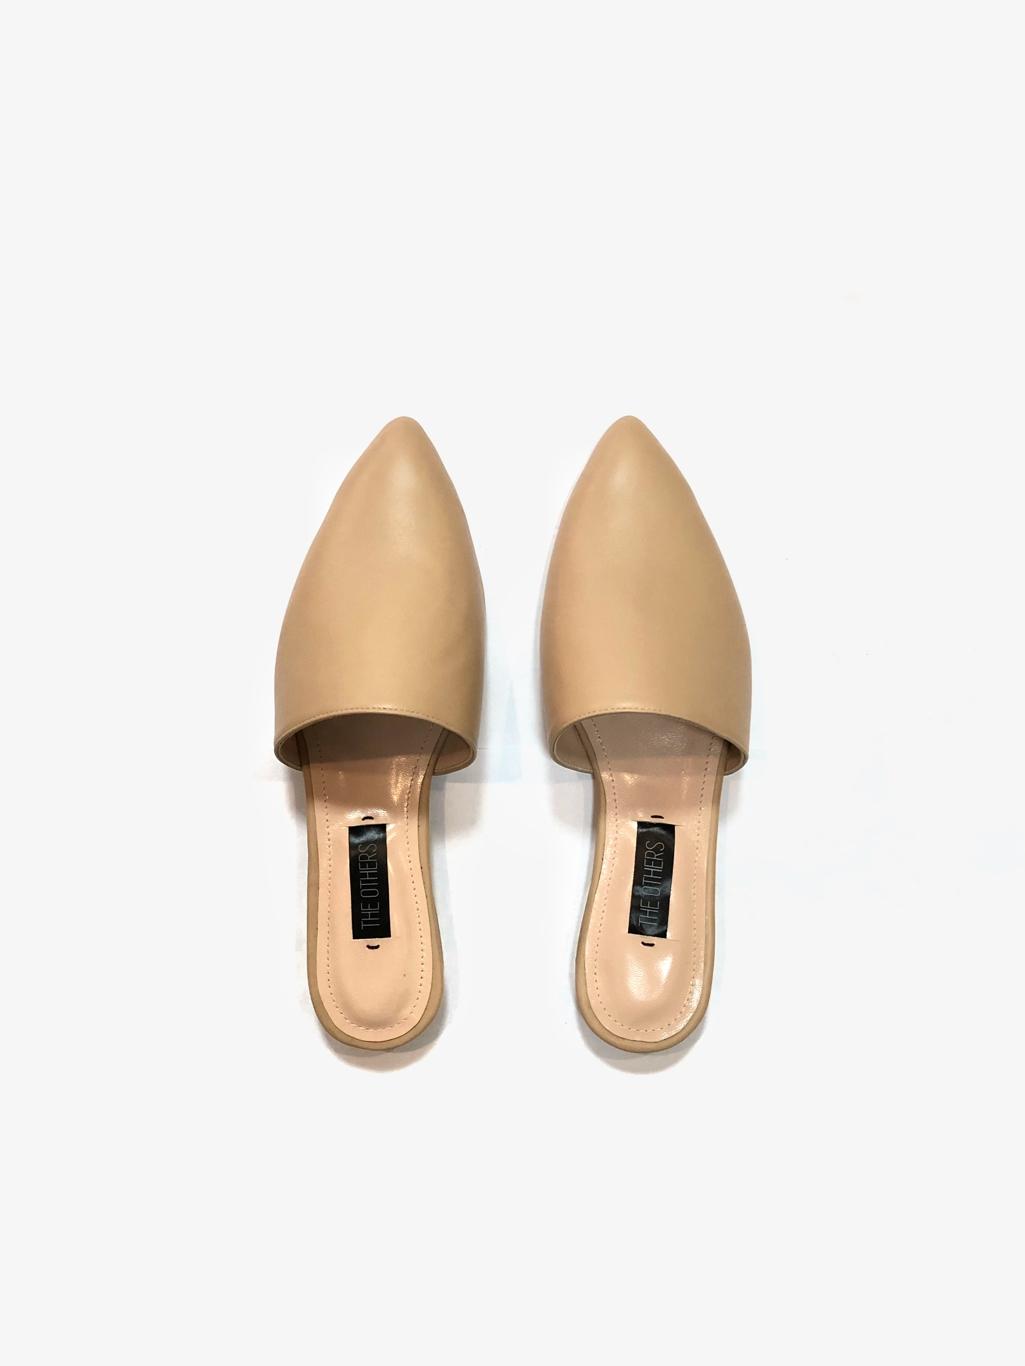 Гид по летней обуви: где найти самые стильные модели этого сезона? - фото №2